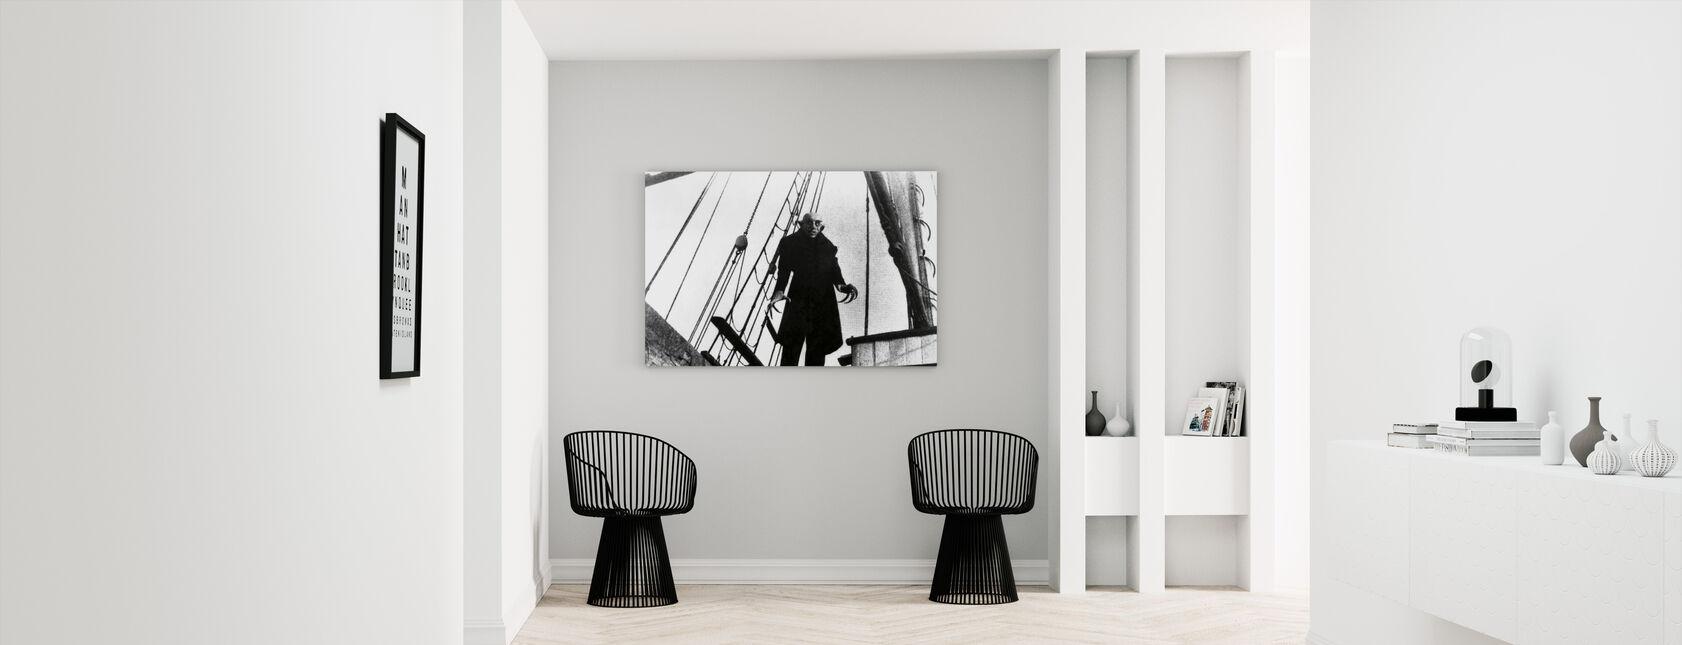 Max Schreck in Nosferatu the Vampire - Canvas print - Hallway